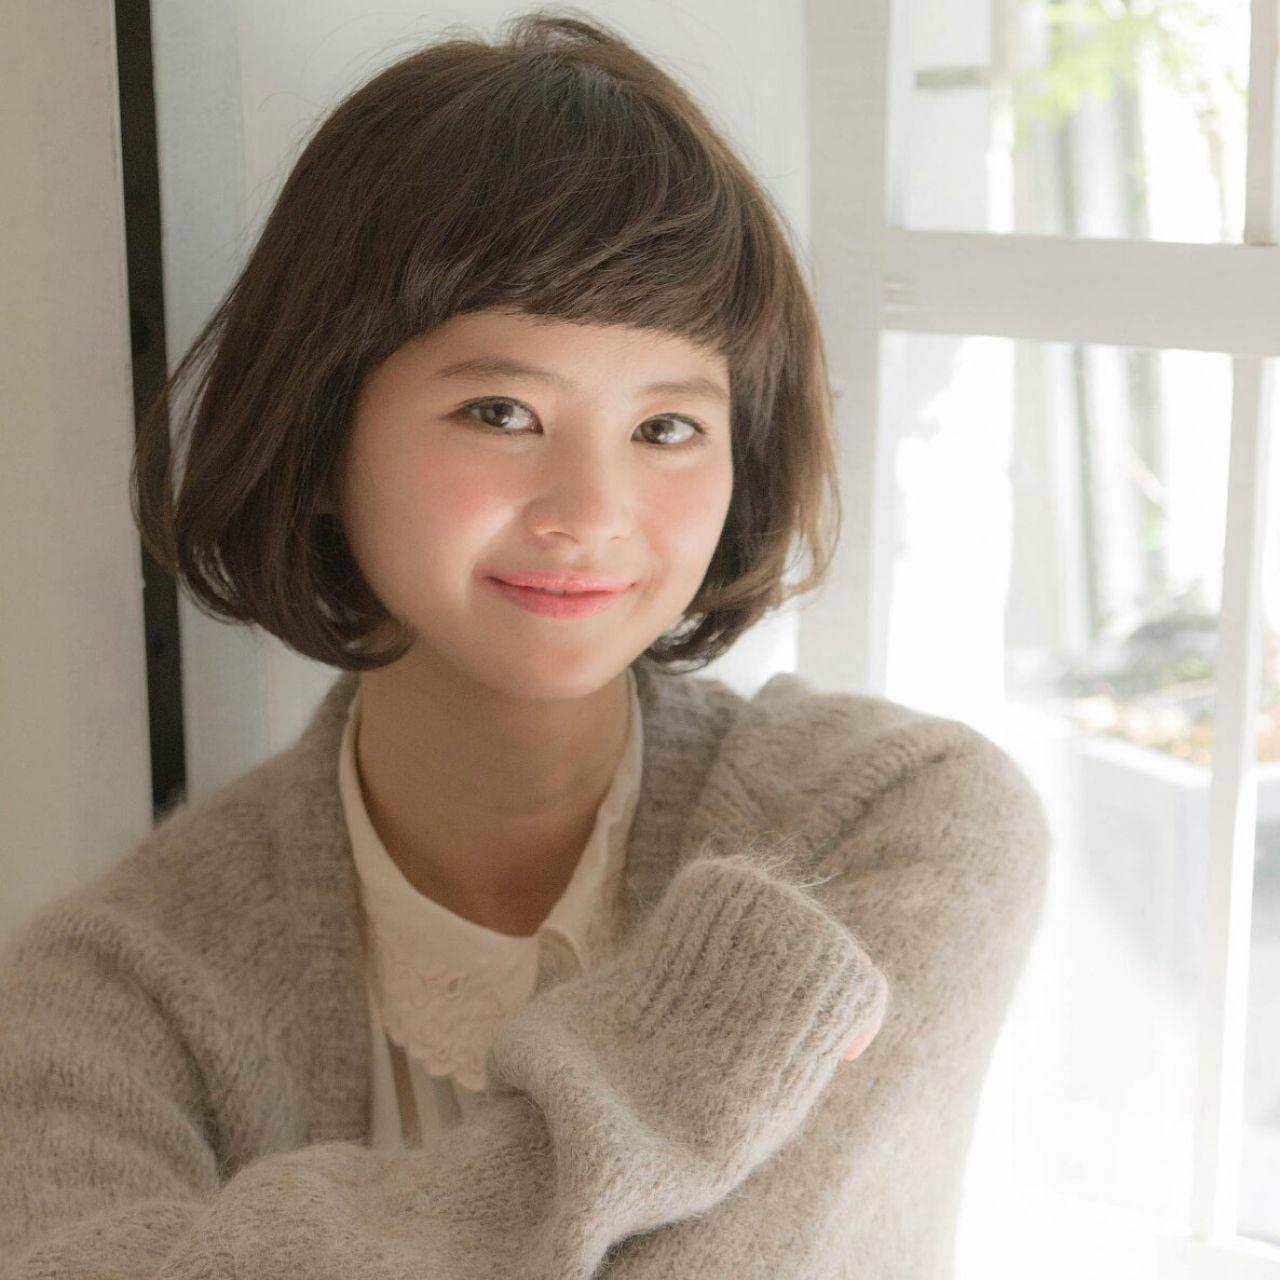 大人かわいい モテ髪 ゆるふわ 愛され ヘアスタイルや髪型の写真・画像 | 淀川 純 / hair salon abiquiu